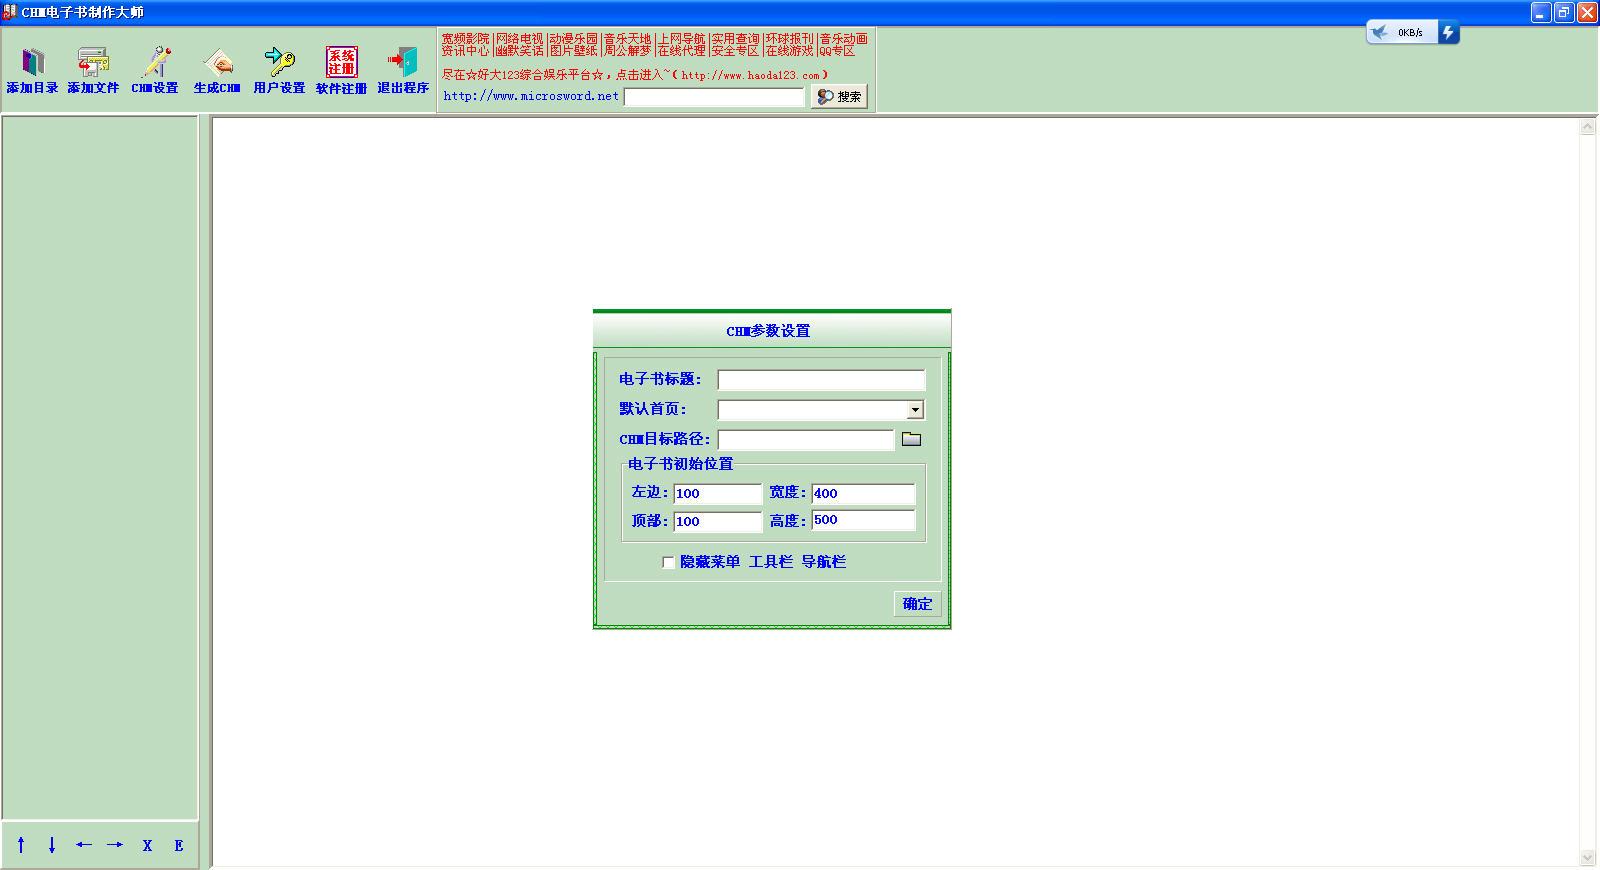 CHM电子书制作大师V1.0 绿色免费版